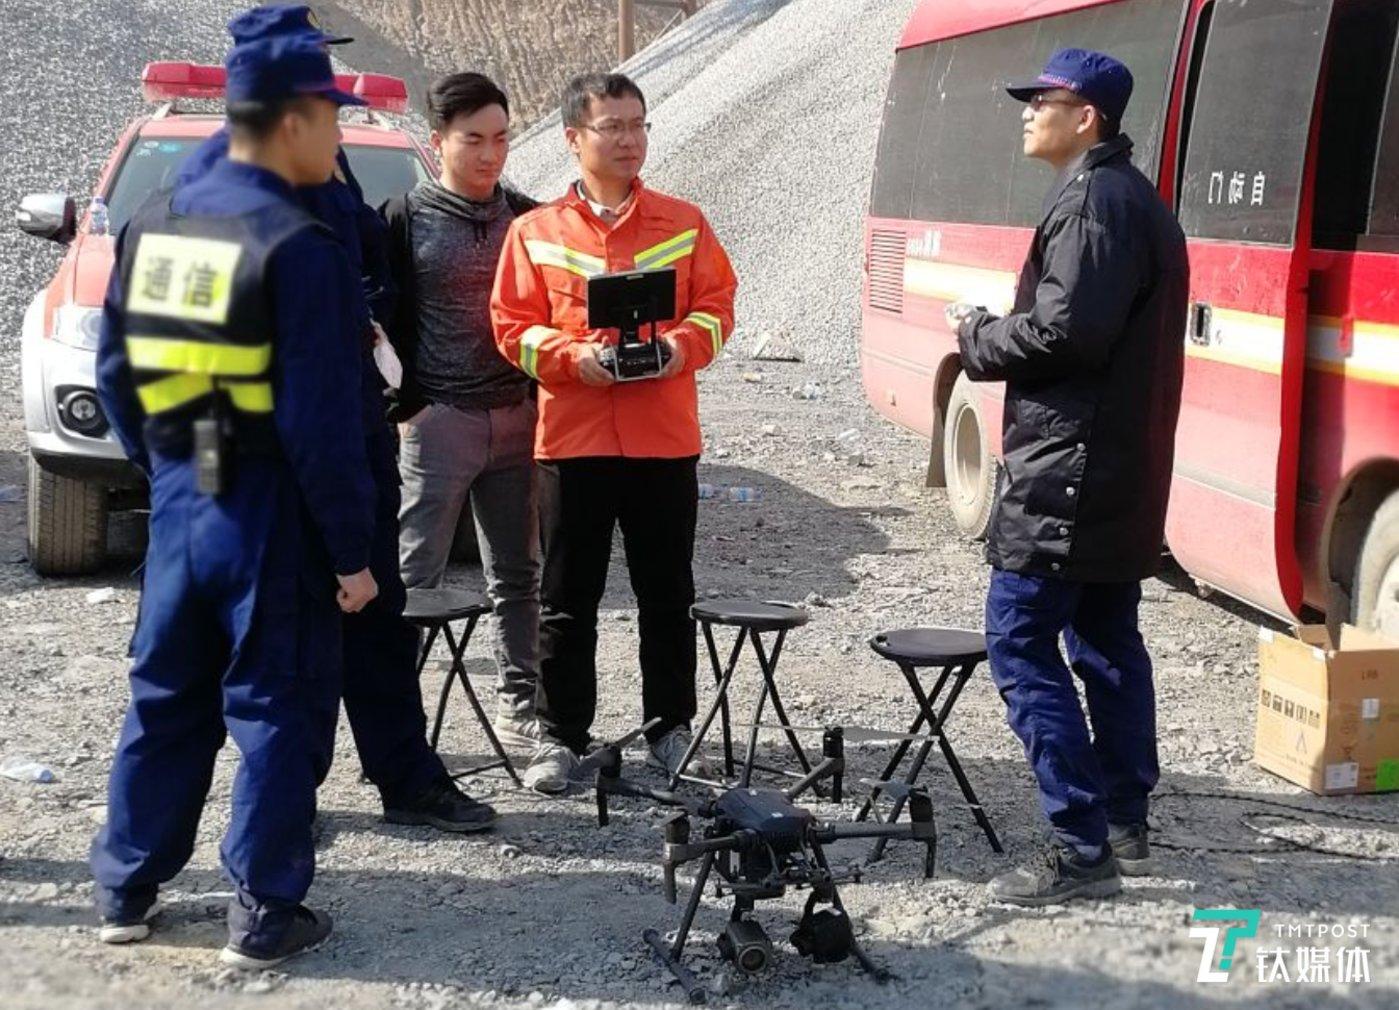 DJI 大疆行业应用现场服务团队